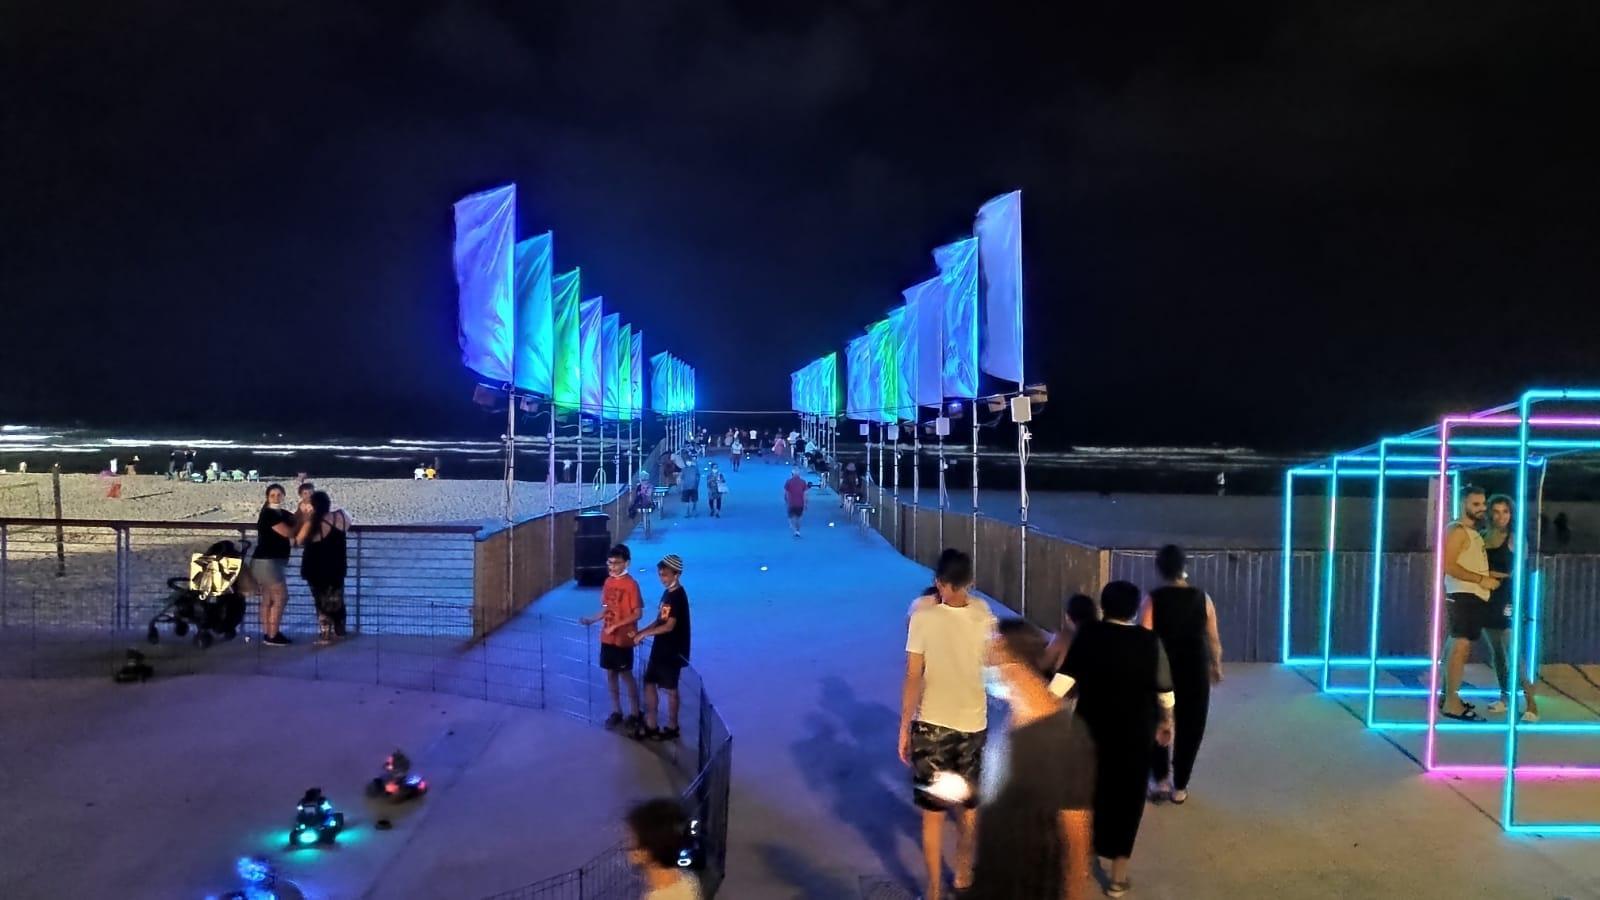 טיילת חוף ים מיצגים תאורה צילום דוברות עיריית בת ים